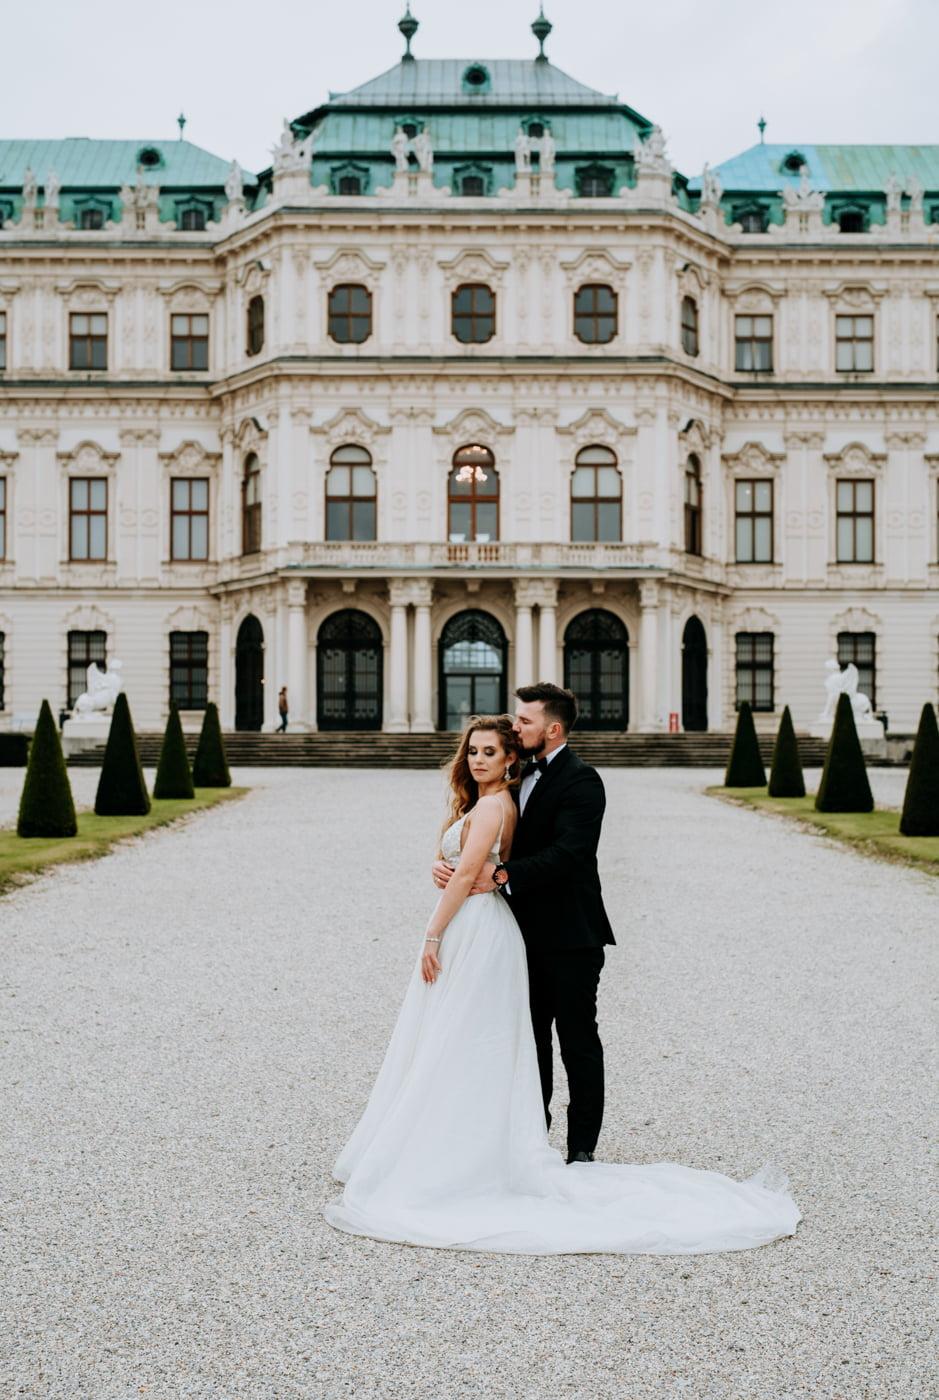 Sesja Ślubna w Wiedniu - Ania i Tomek 17